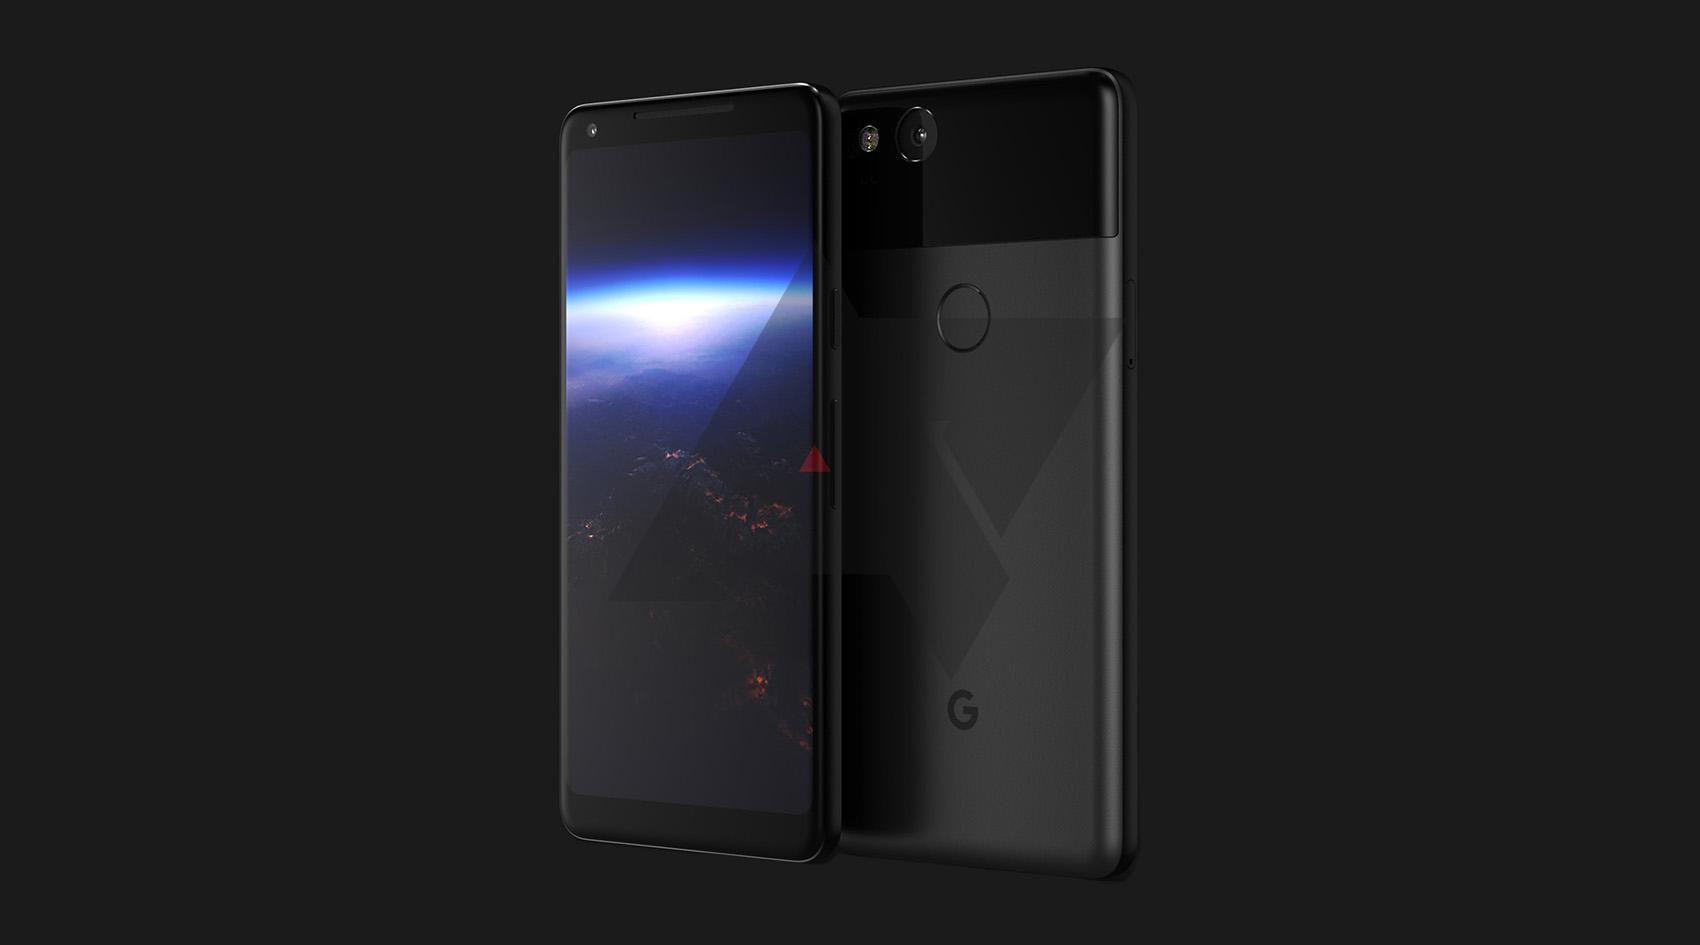 Первая утечка изображения Google Pixel XL 2